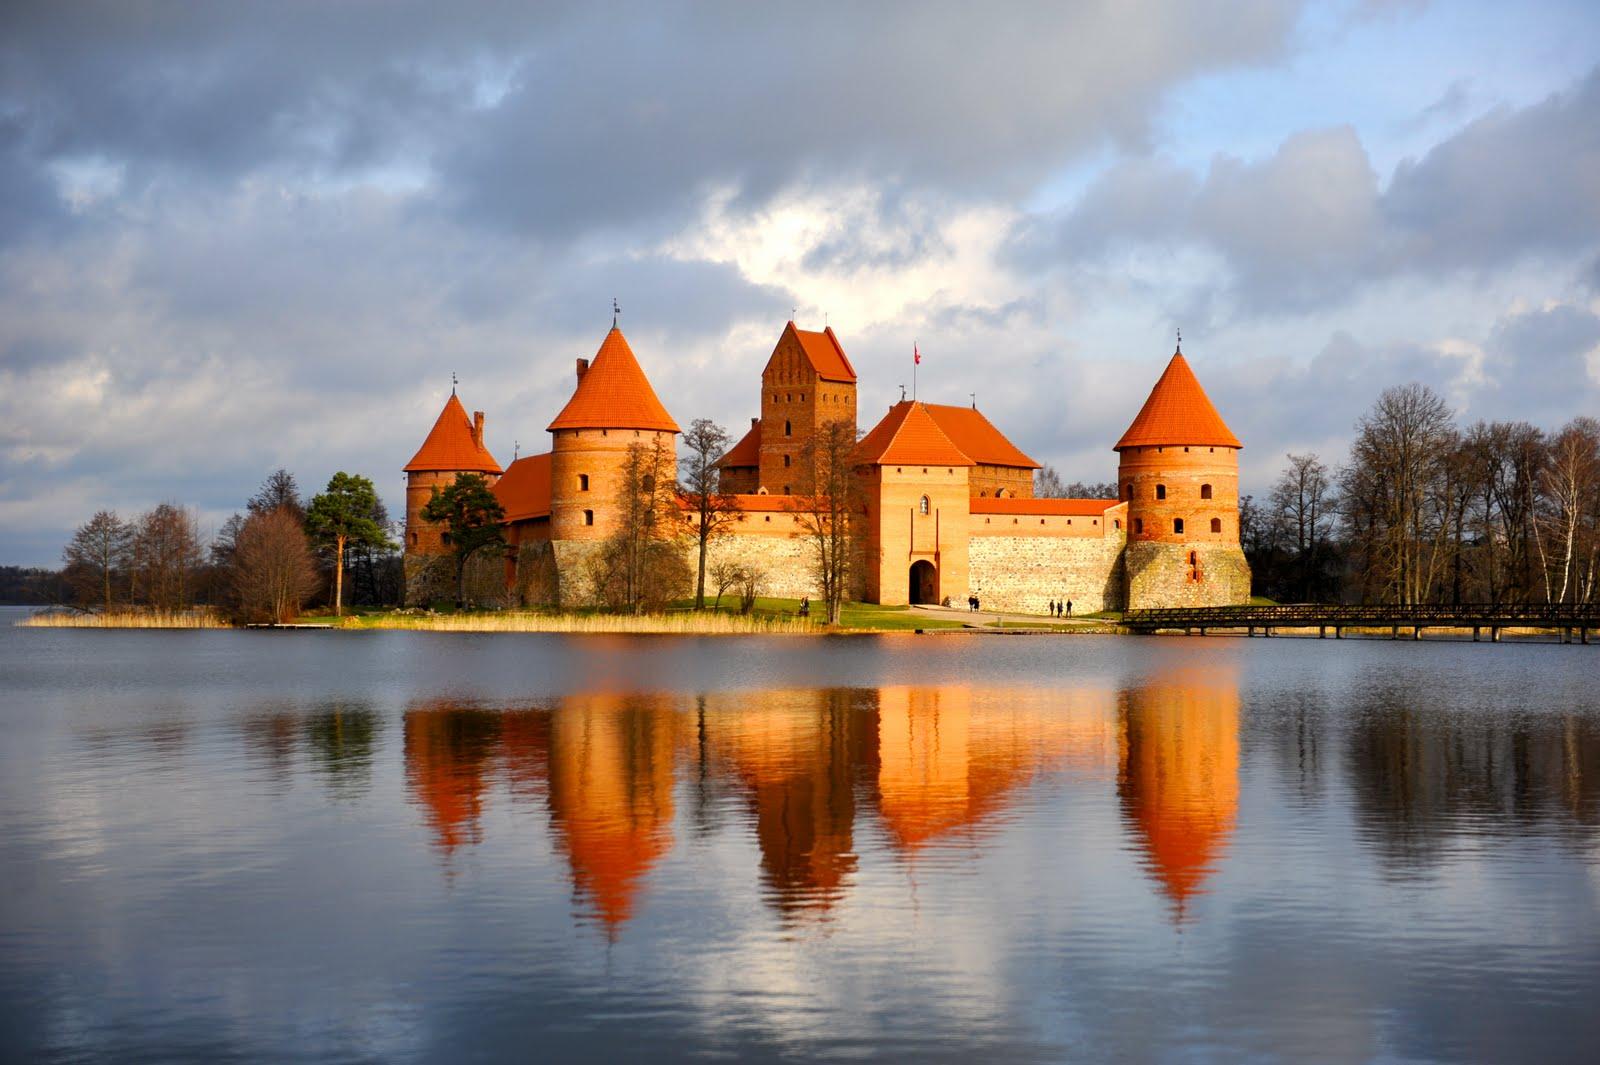 Visita al Castello di Trakai a Vilnius, orari e prezzi